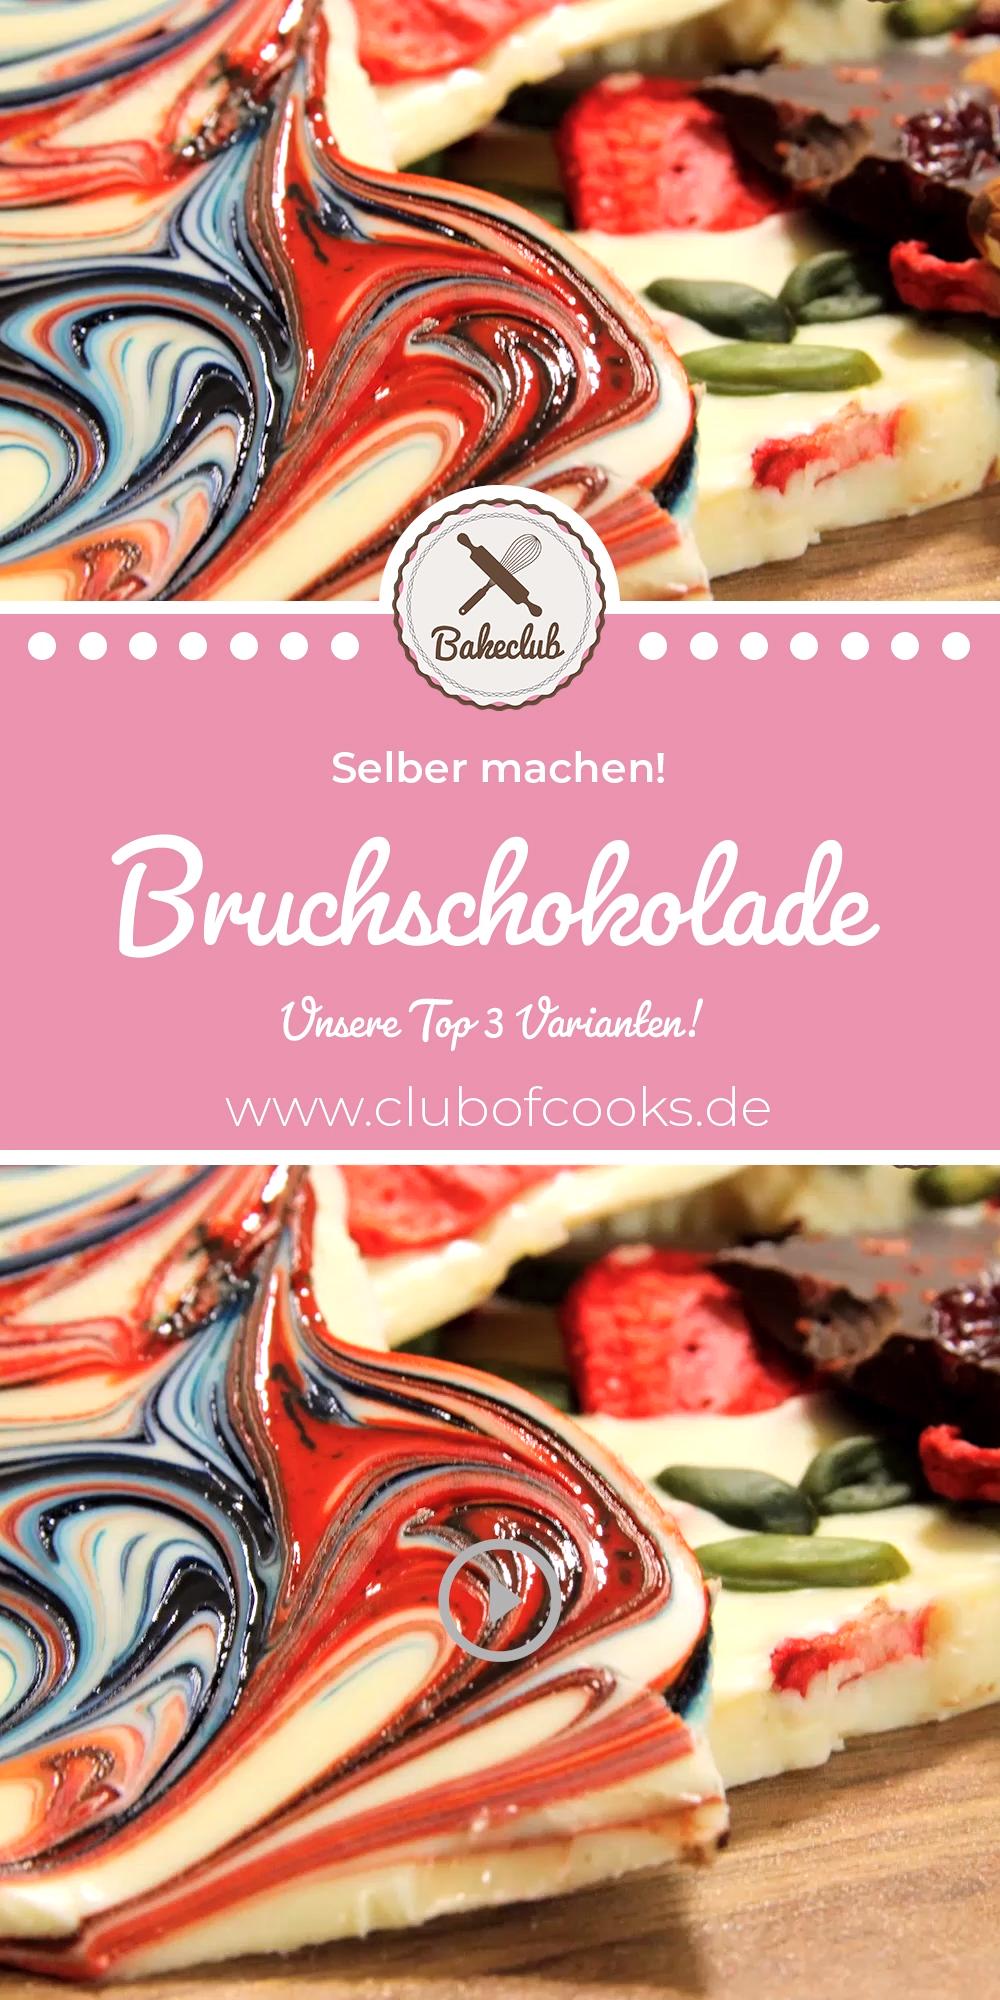 Bruchschokolade - Unsere Top 3 Varianten!